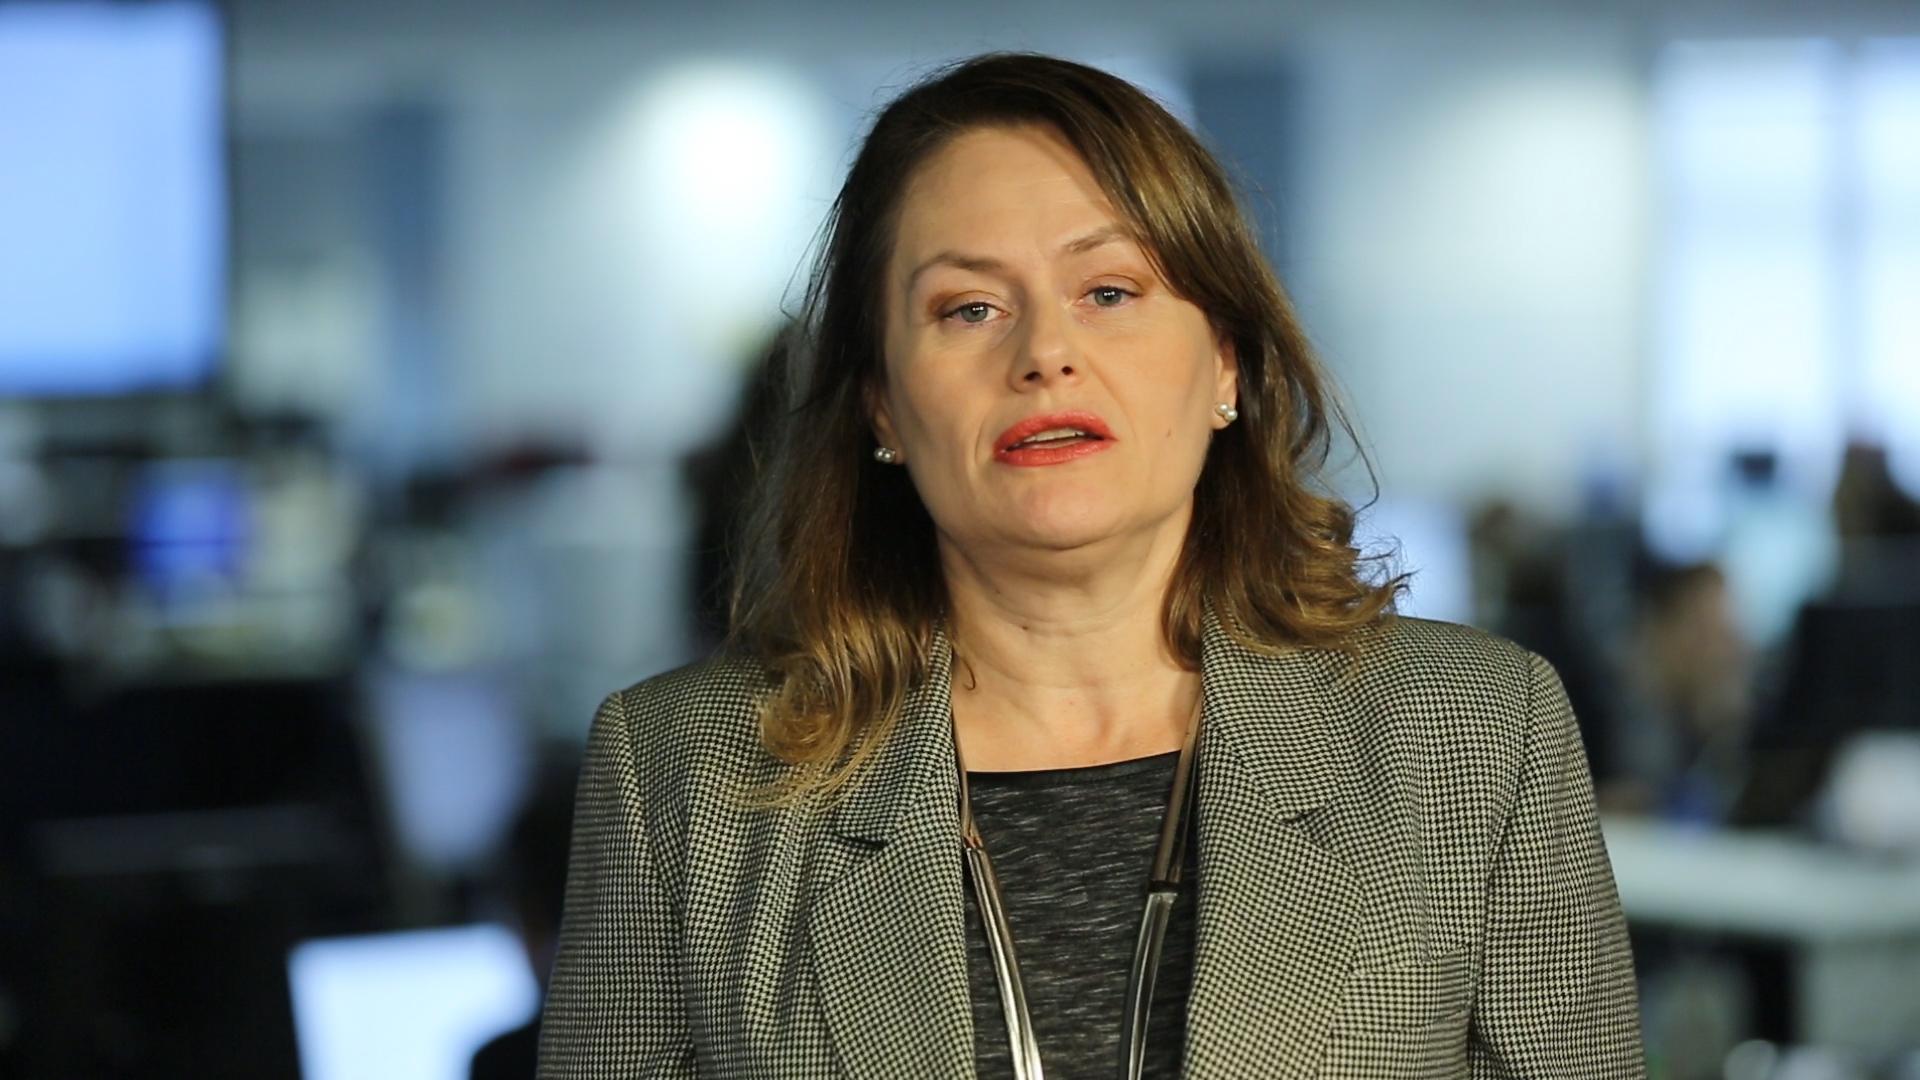 Marta Sfredo: mercado desafia reação das exportações com dólar alto